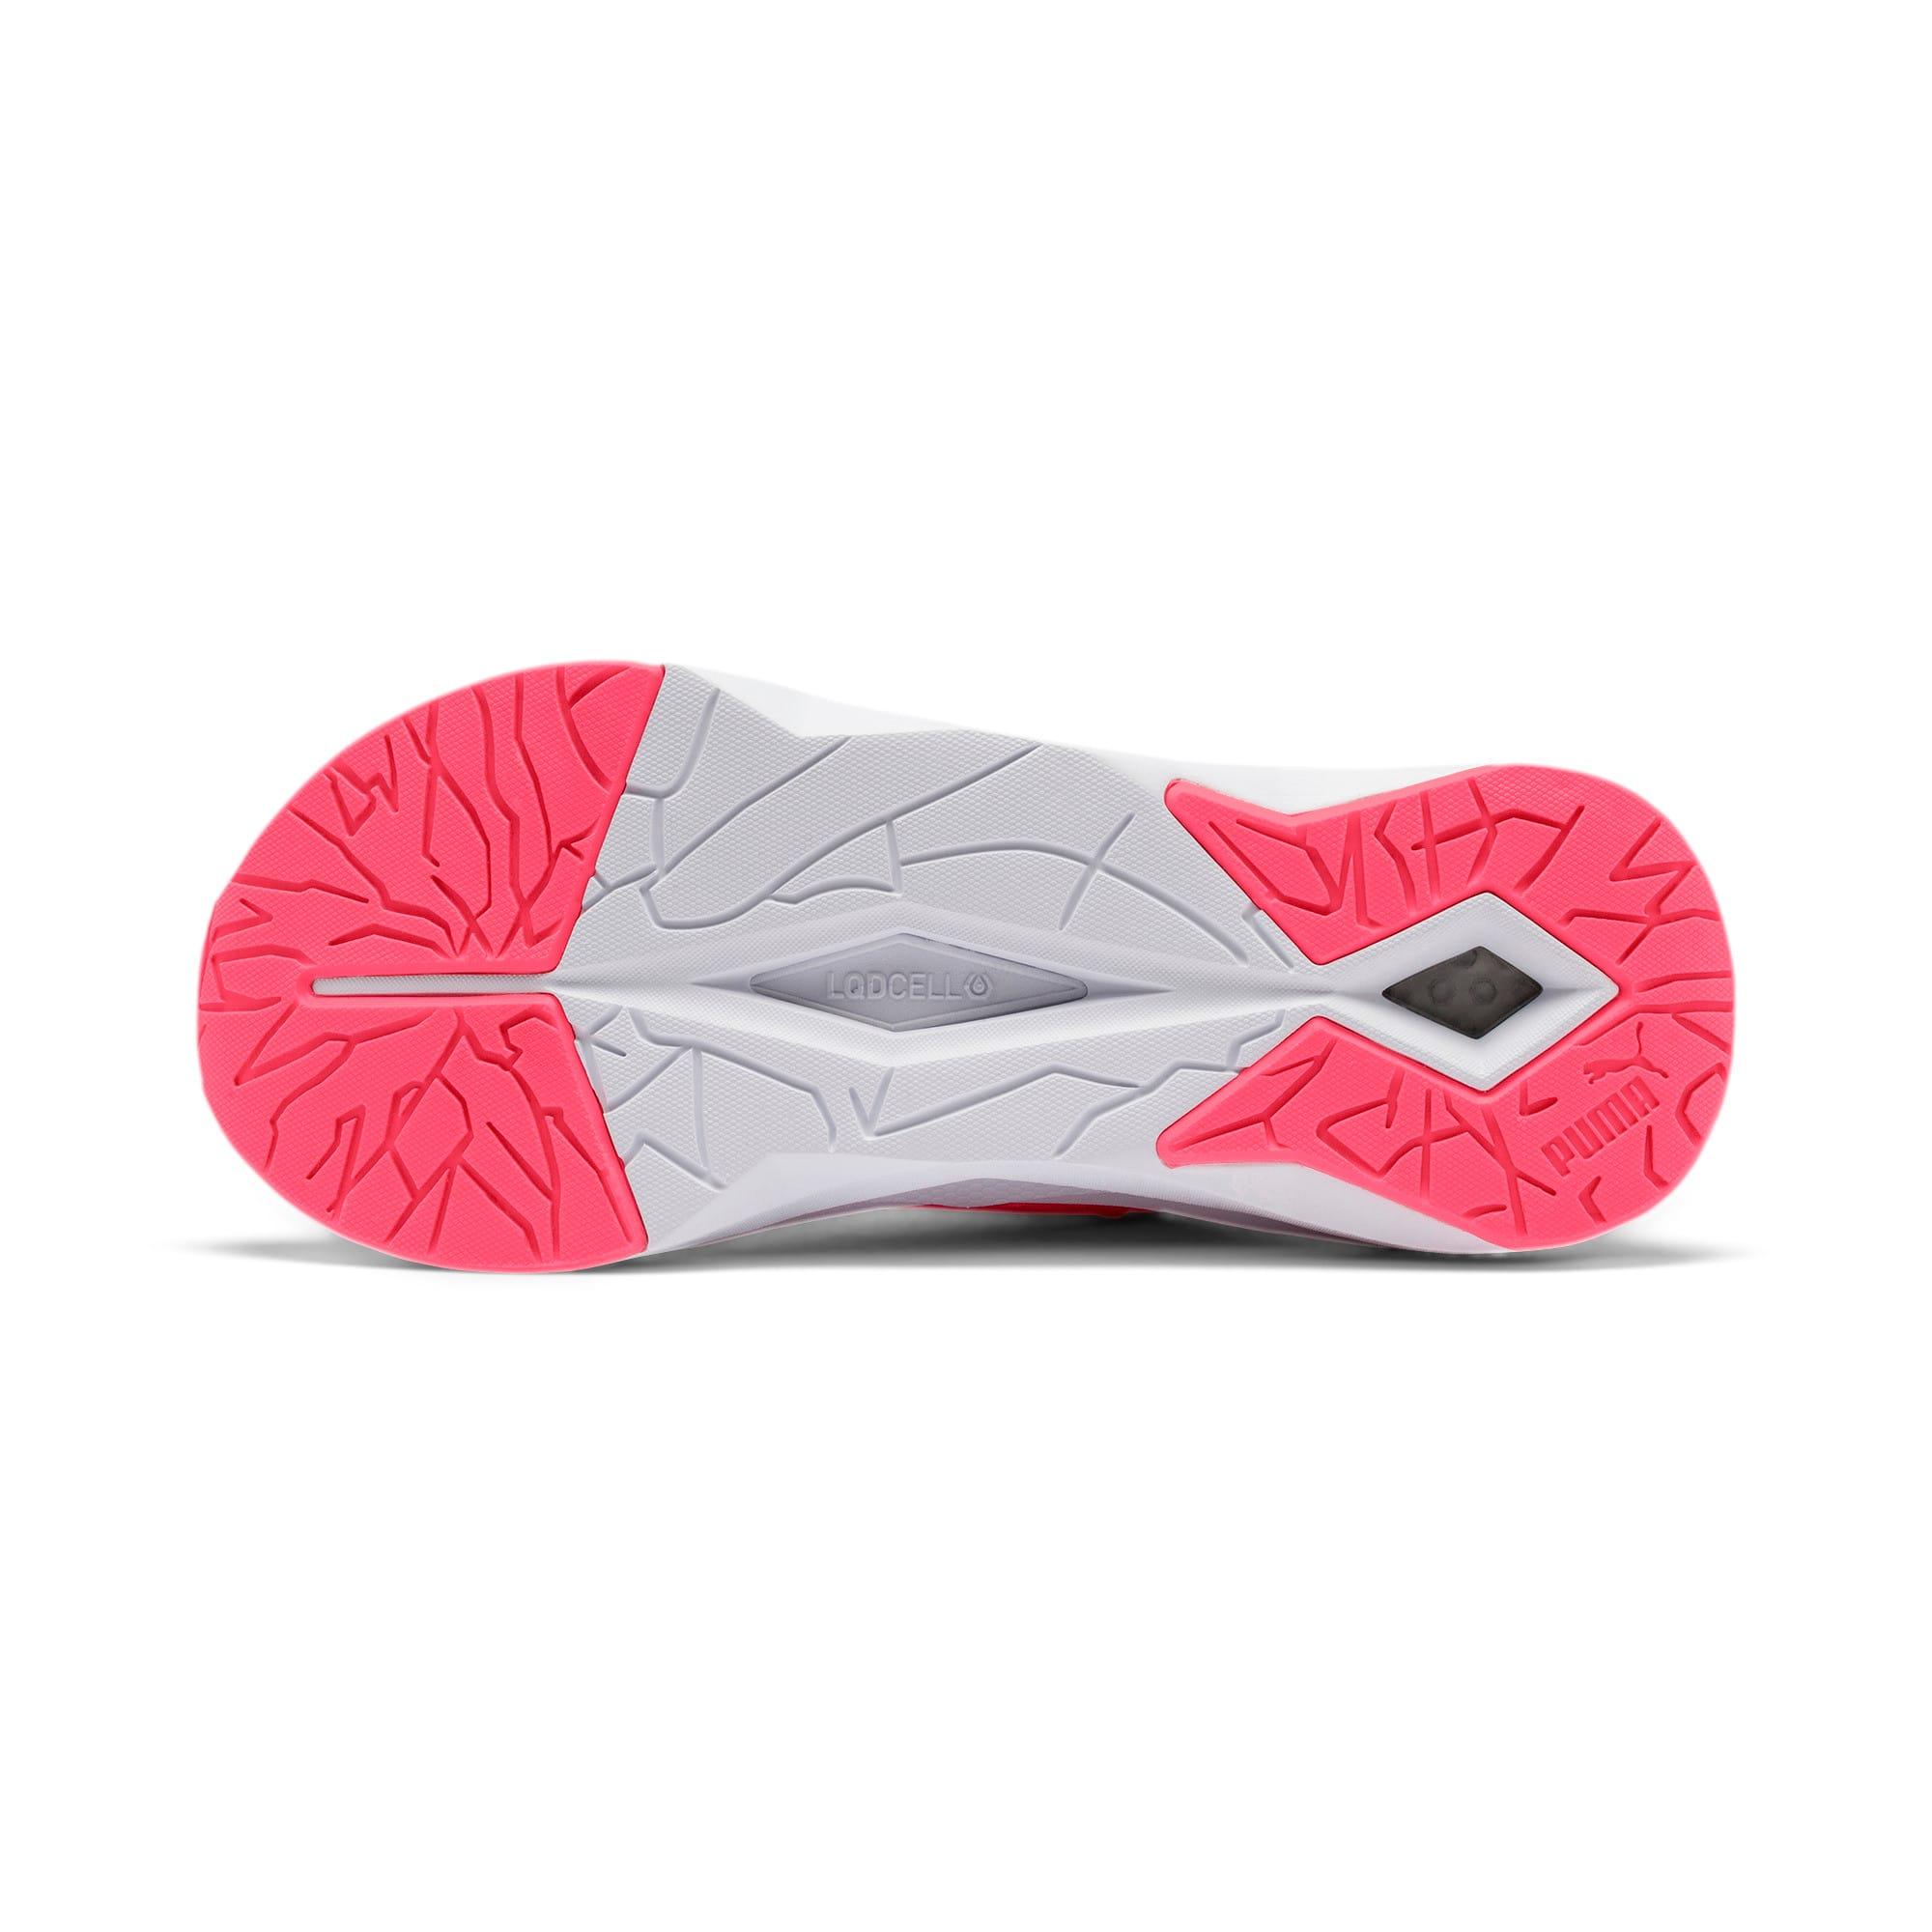 Imagen en miniatura 5 de Zapatillas de training de mujer LQDCell Shatter XT, Pink Alert-Puma White, mediana